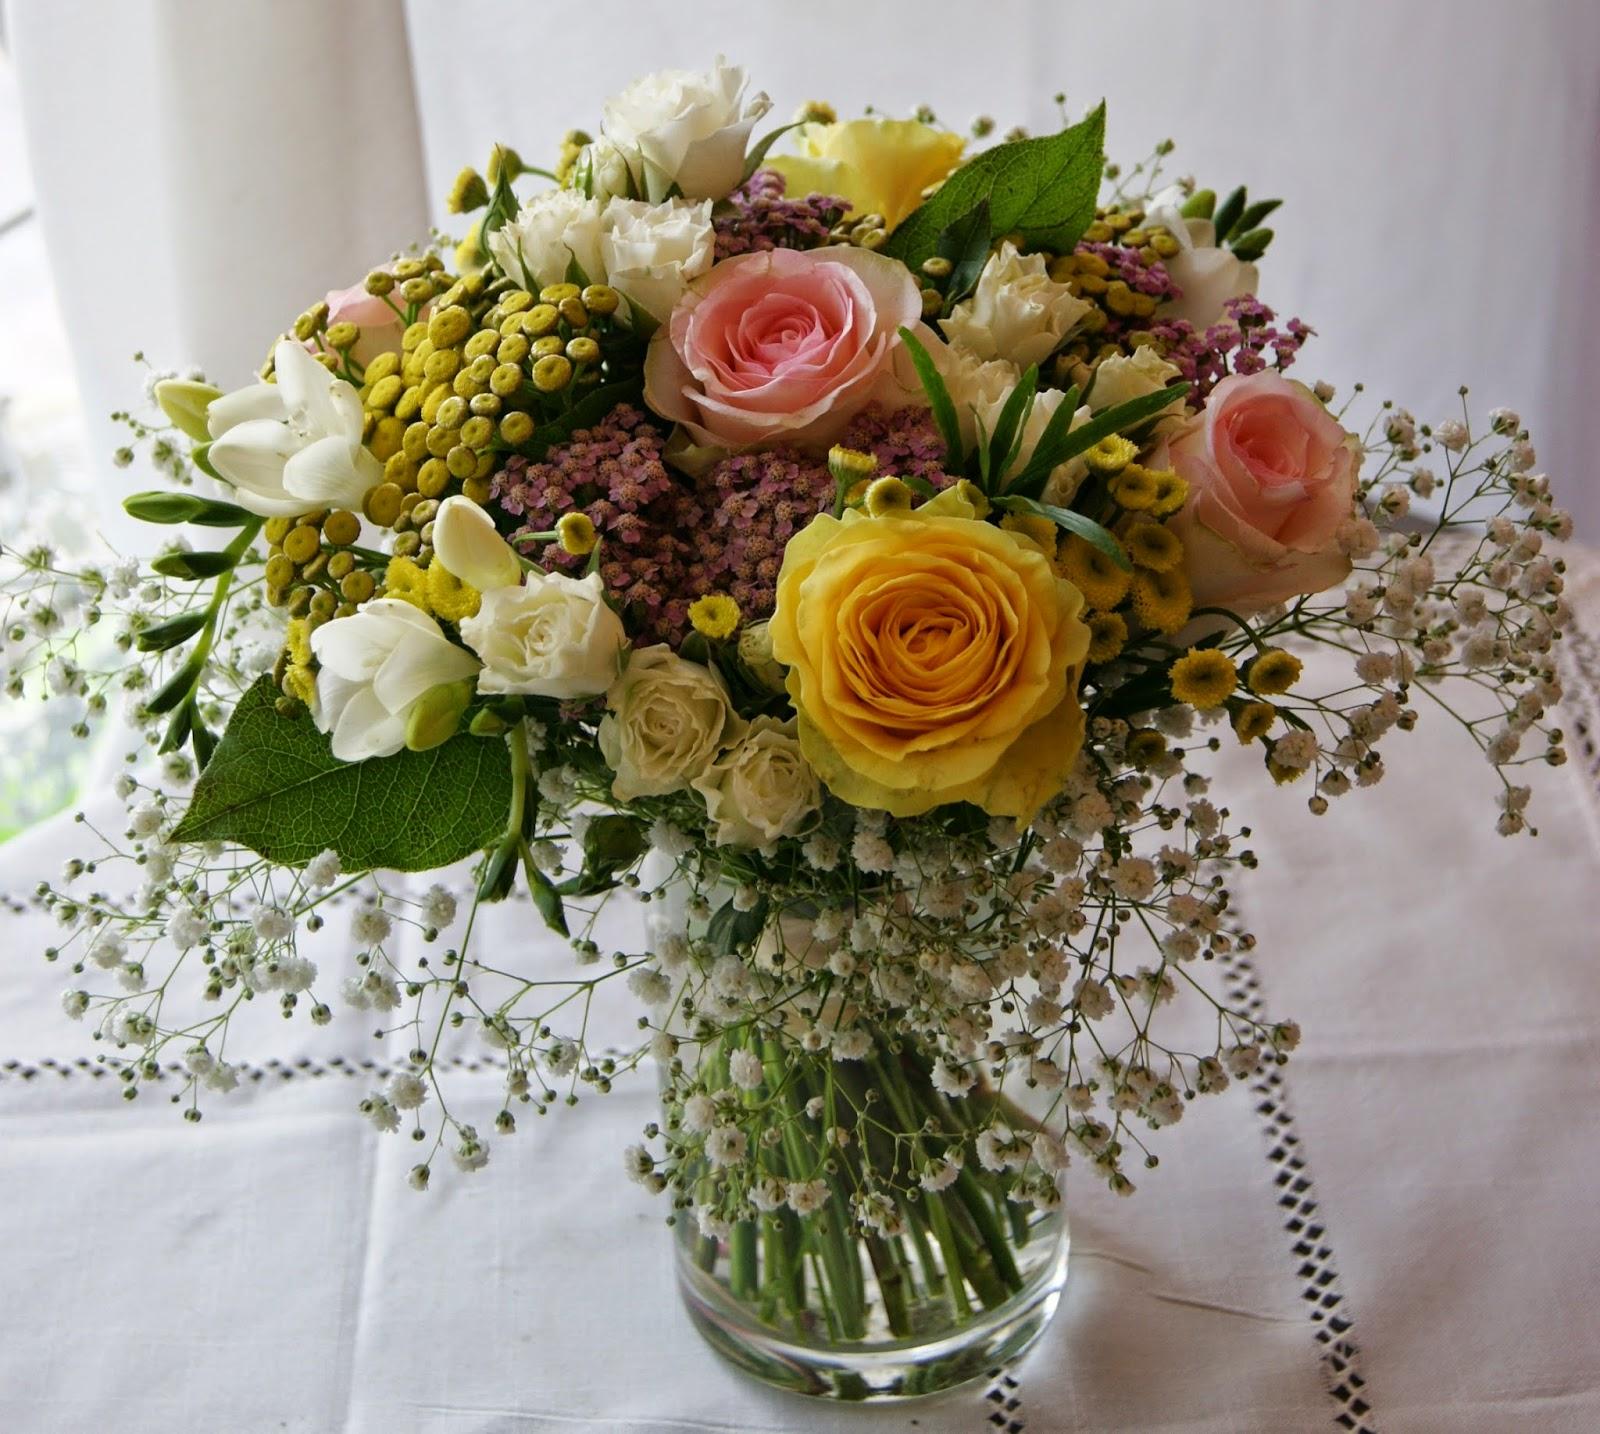 des magnolias sur ma voie lact e bouquets bapt me girlie champ tre acidul. Black Bedroom Furniture Sets. Home Design Ideas